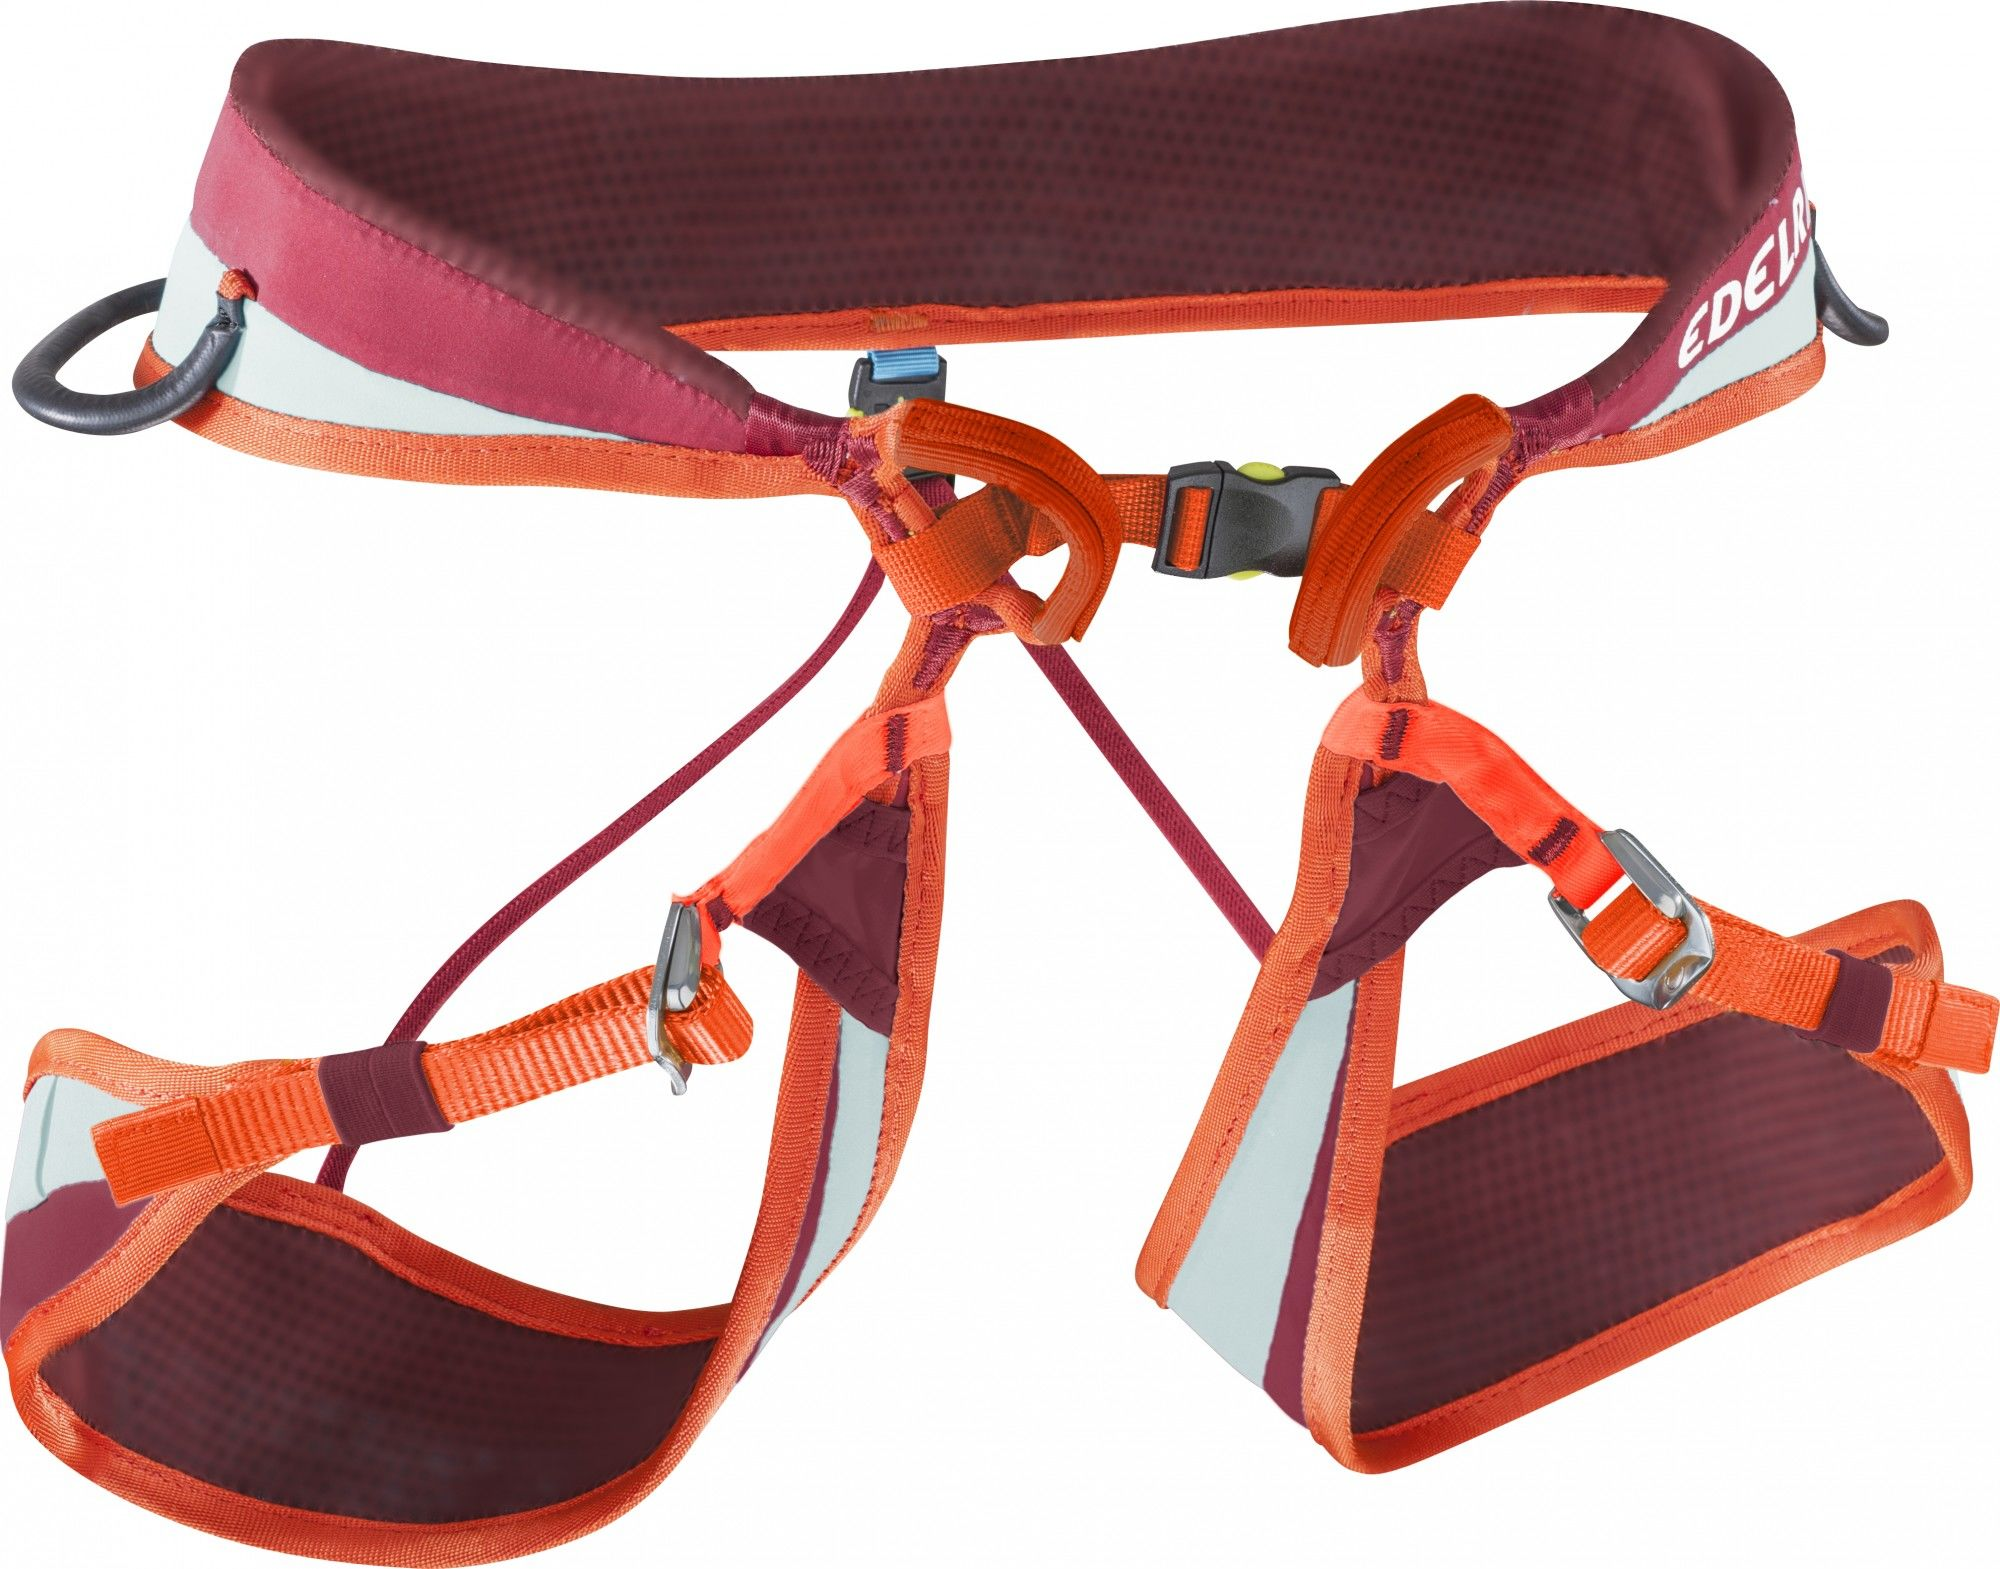 Klettergurt Kinder Mammut : Ausrüstung für bergsport klettern und outdoor bei klettern.de